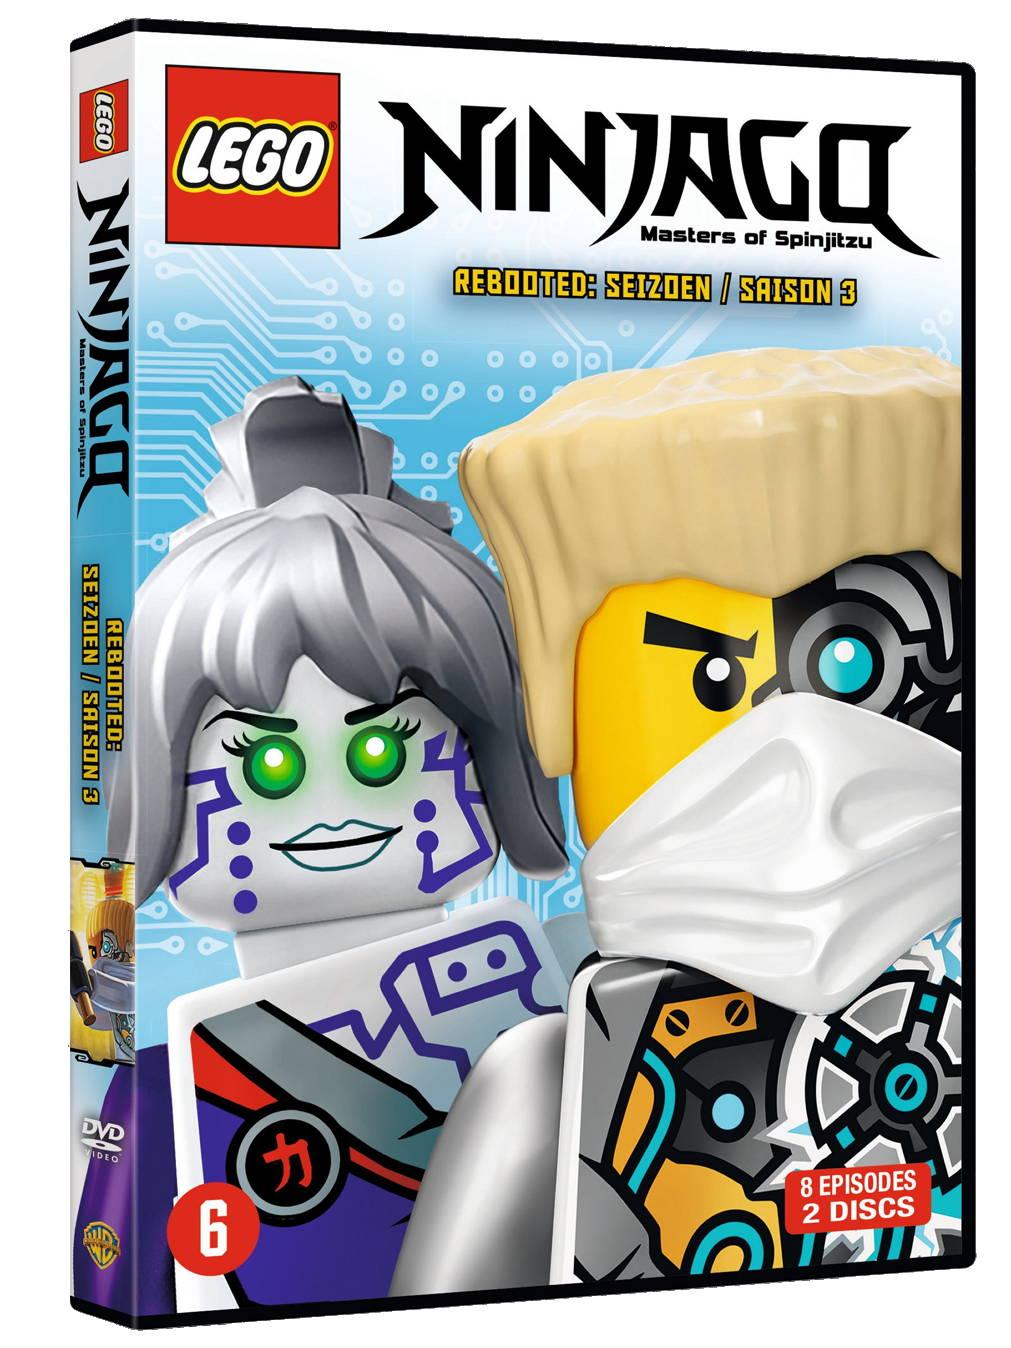 la victoire dans la bataille finale entre le ninja dor et loverlord a marqu le dbut dune nouvelle re de paix et permis une renaissance technologique - Lego Ninjago Nouvelle Saison